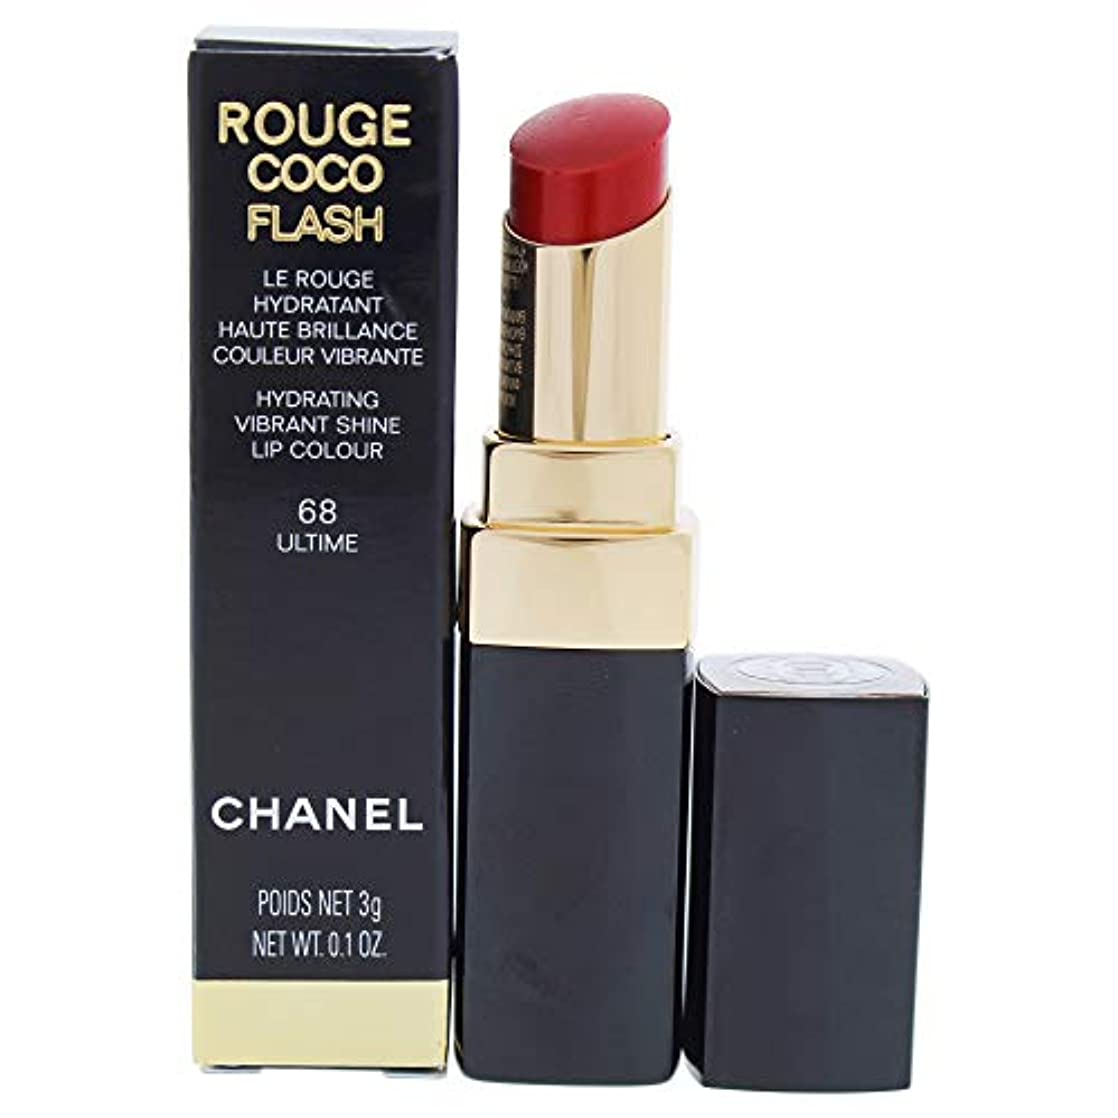 信頼できるおとなしい完全に乾くRouge Coco Flash Lipstick - 68 Ultime